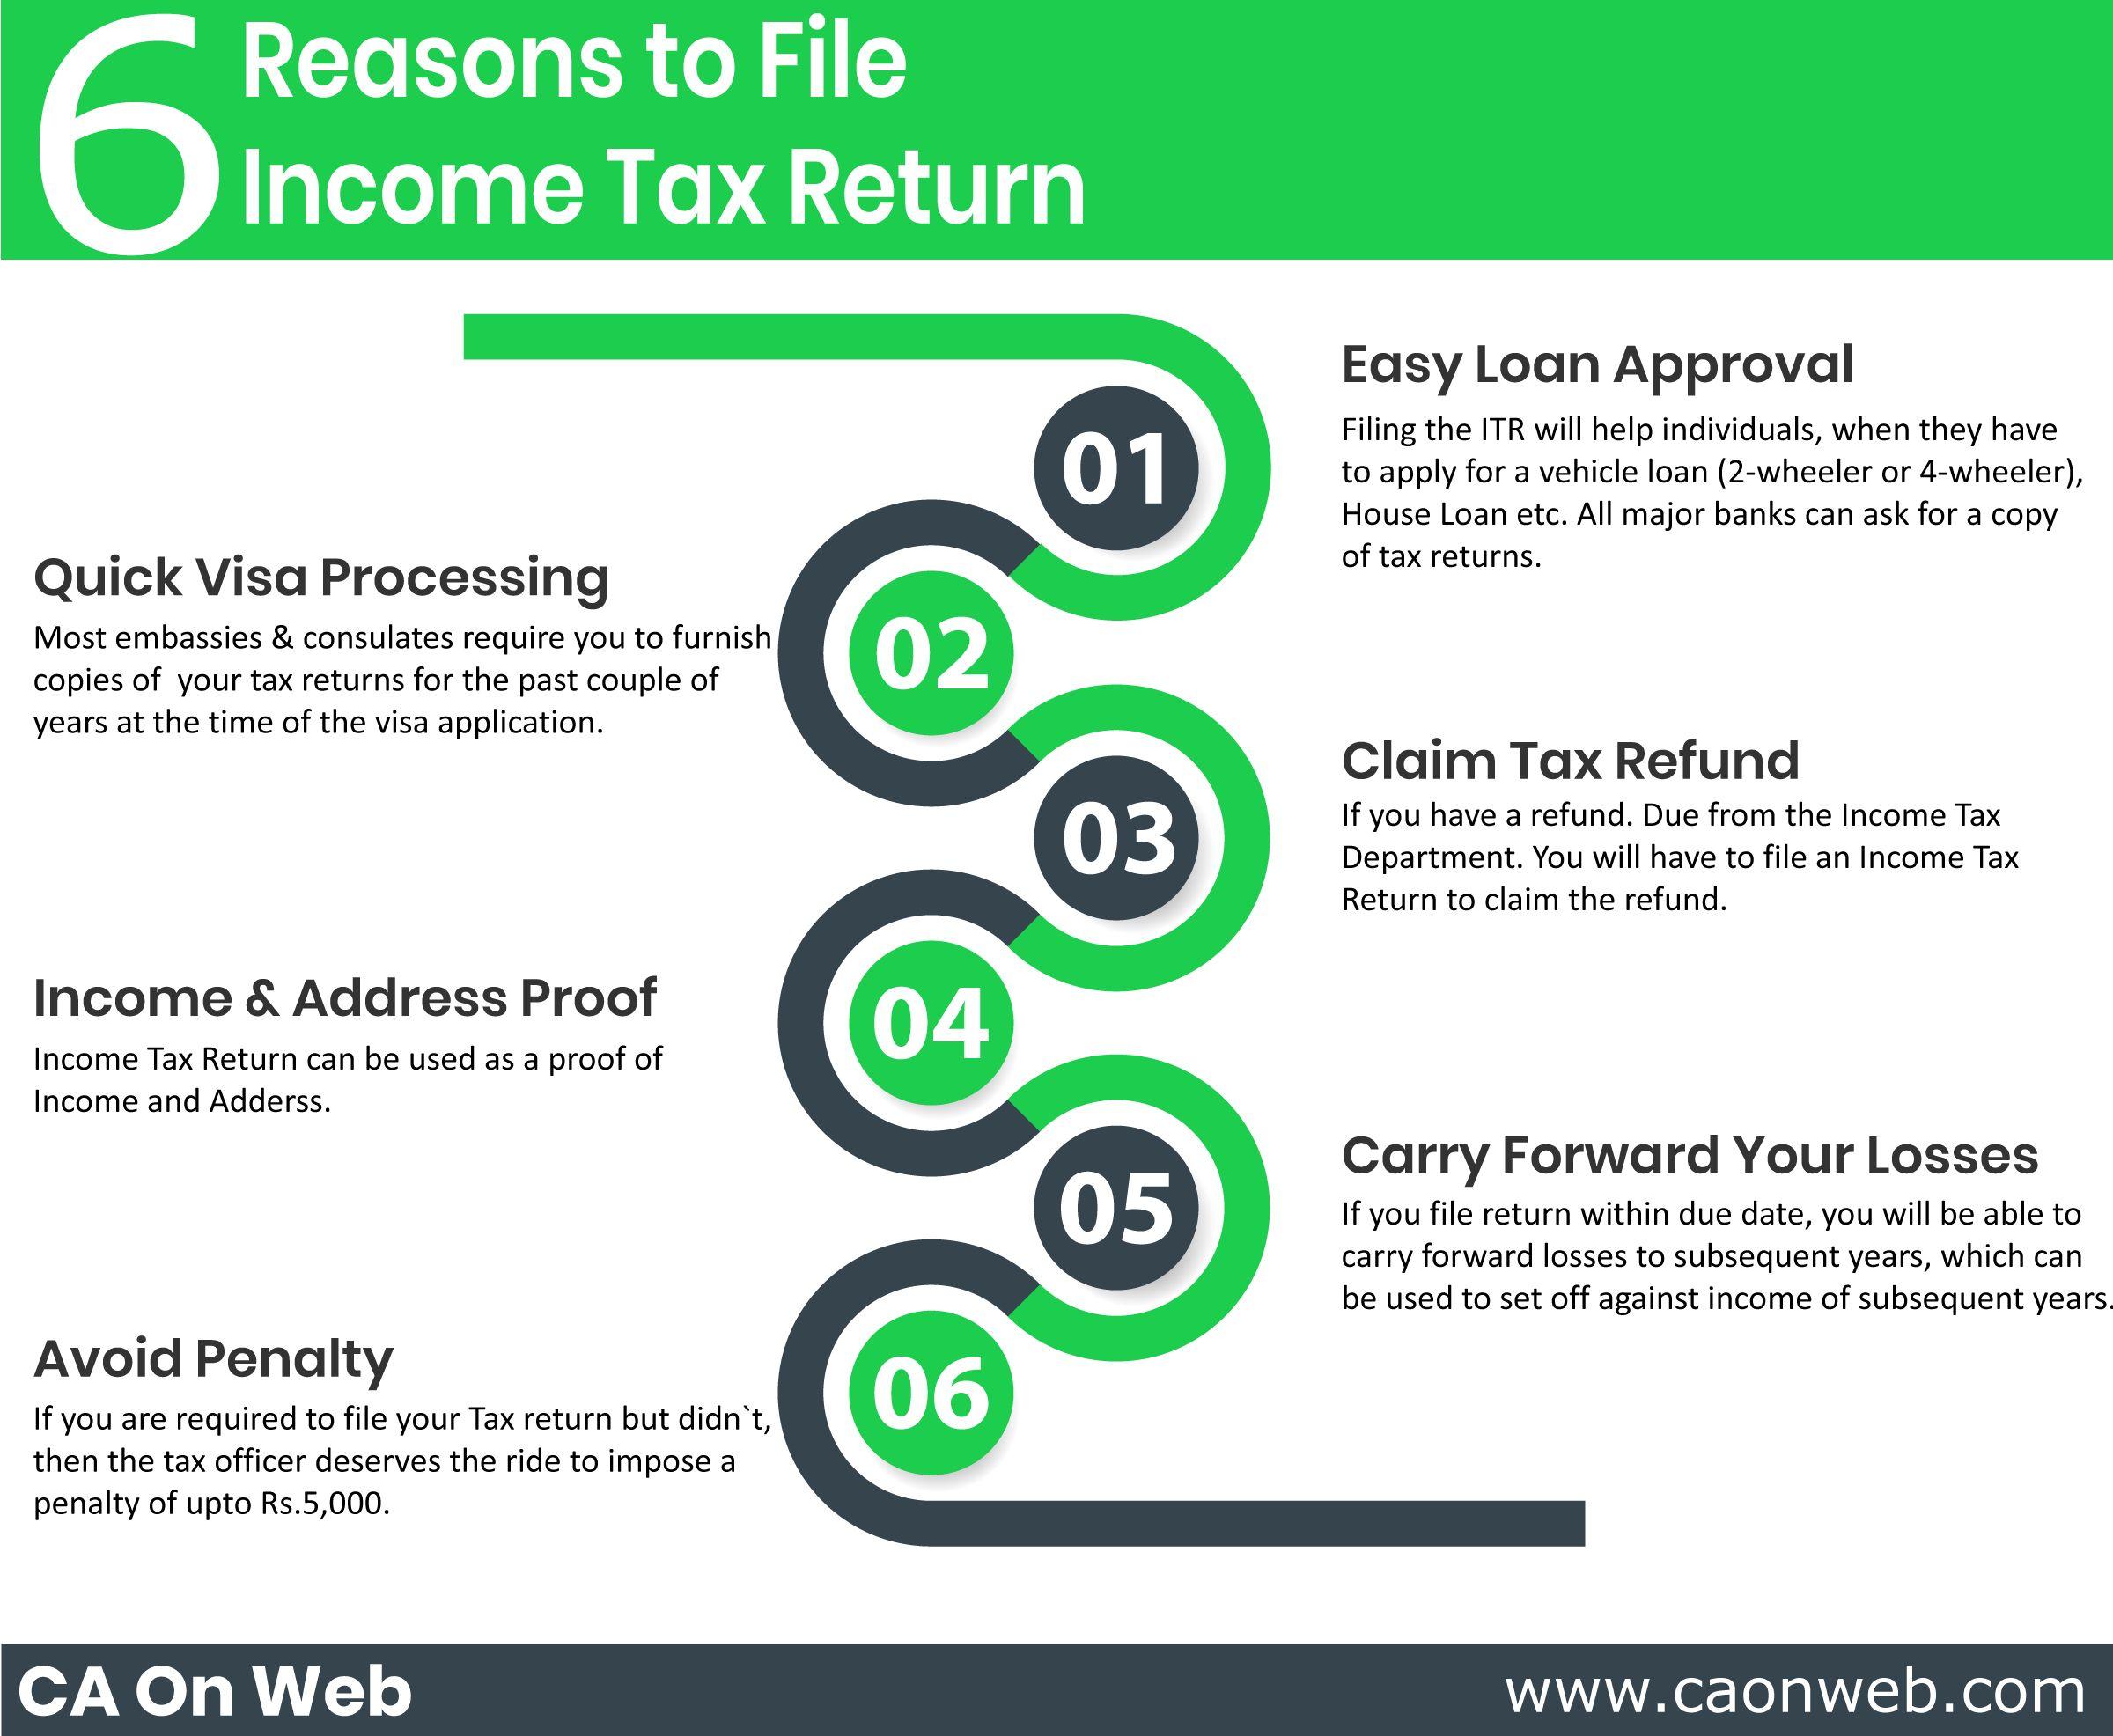 9309a8bb232089d251b1dc8beee085fc - How To Get The Most From Income Tax Return